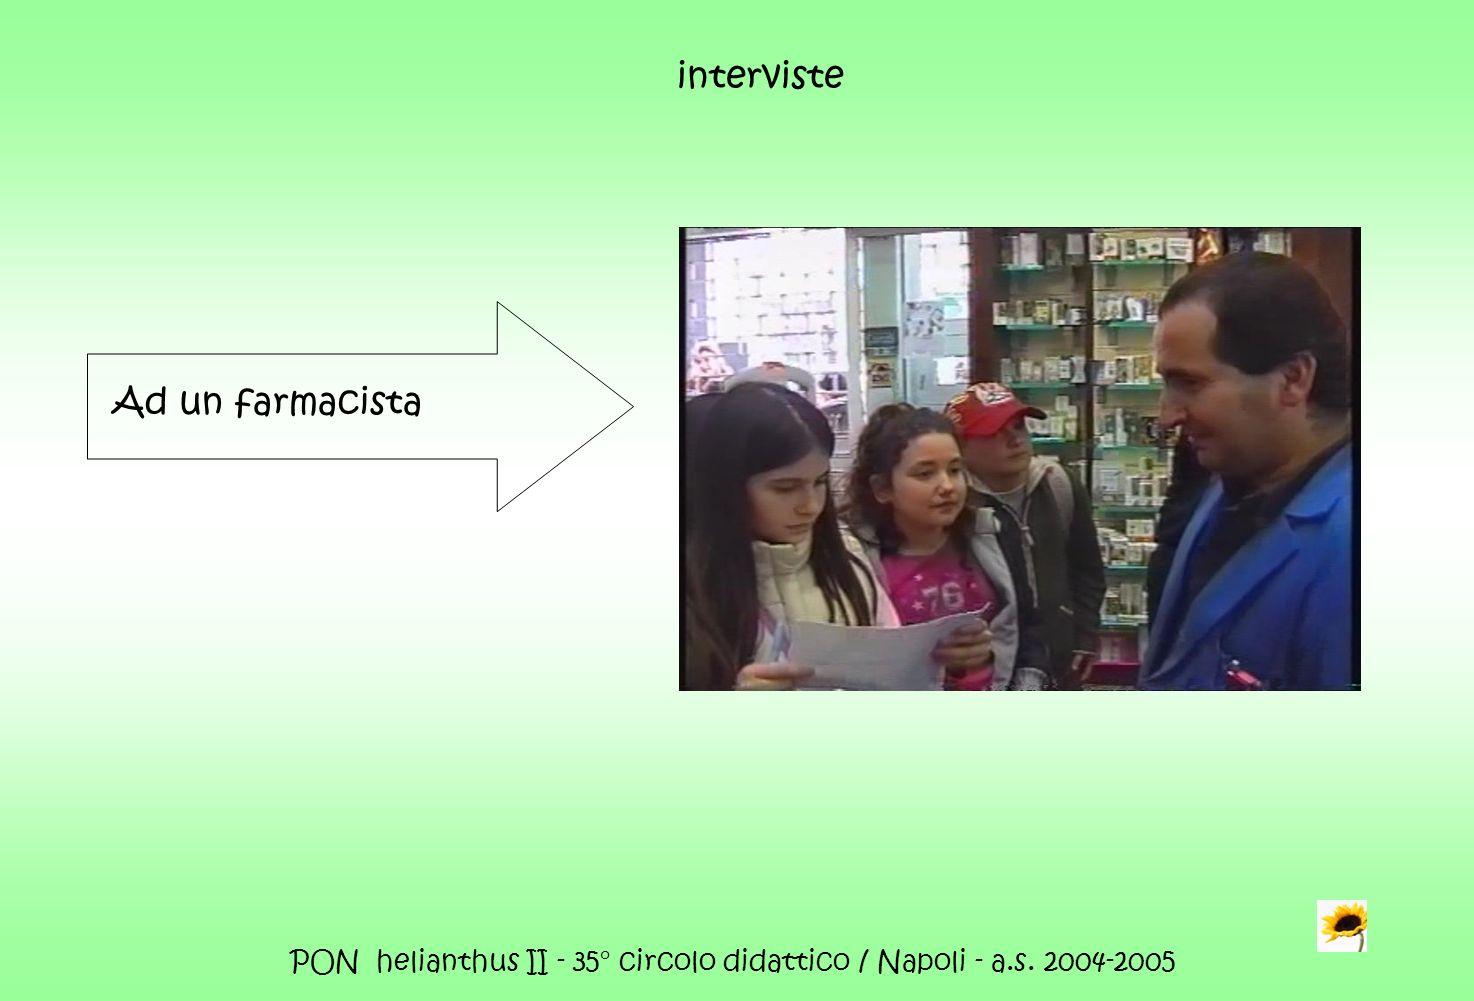 PON helianthus II - 35° circolo didattico / Napoli - a.s. 2004-2005 interviste Ad un farmacista